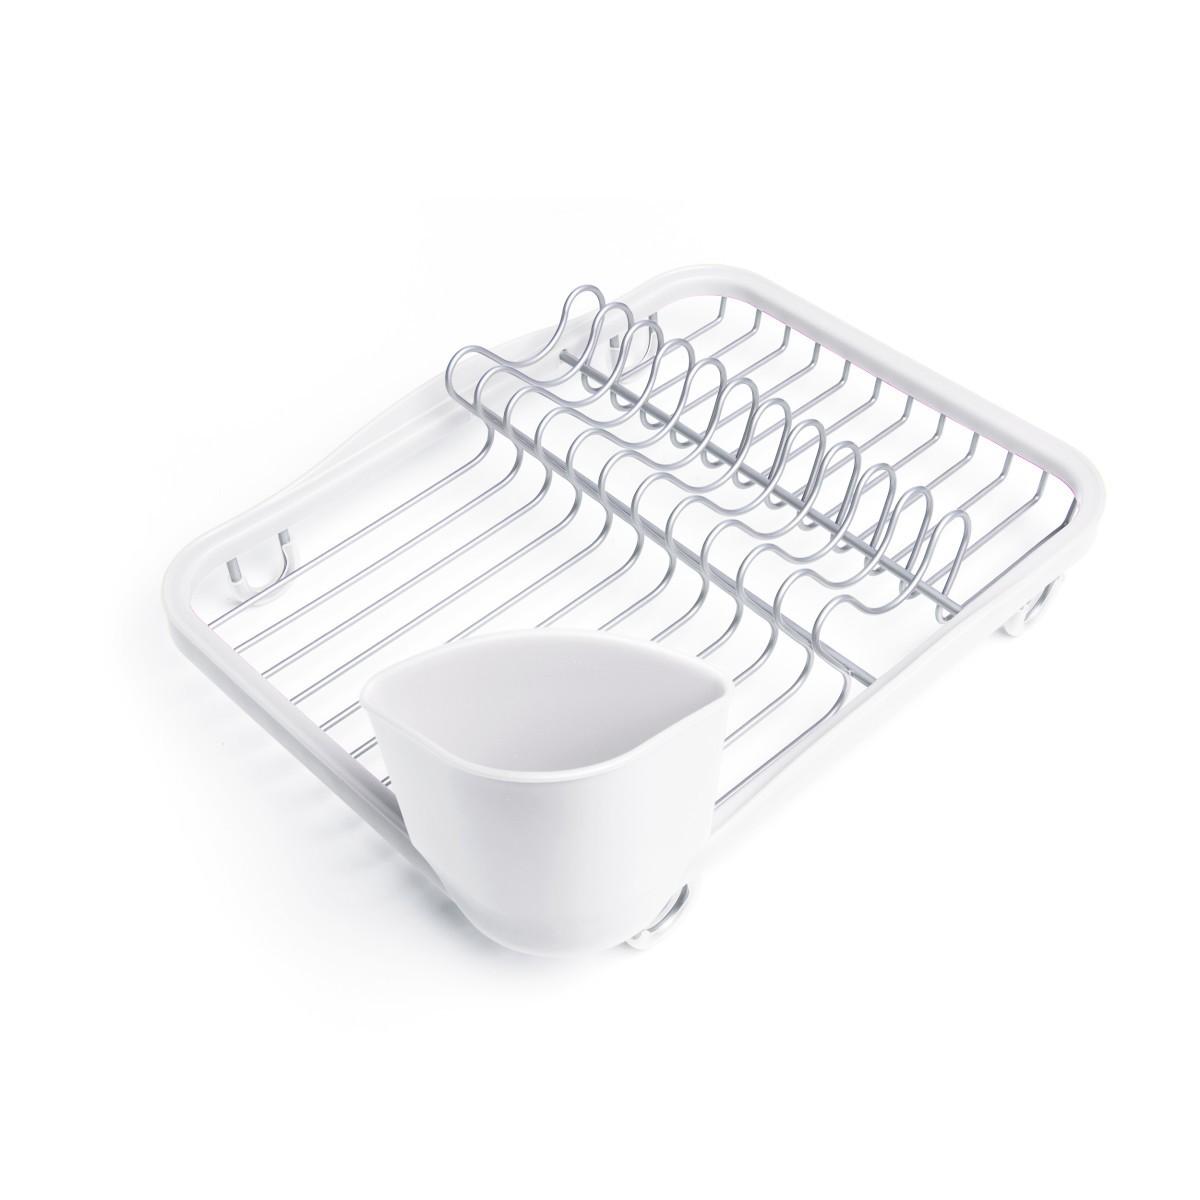 Umbra Odkapávač na nádobí Sinkin bílý